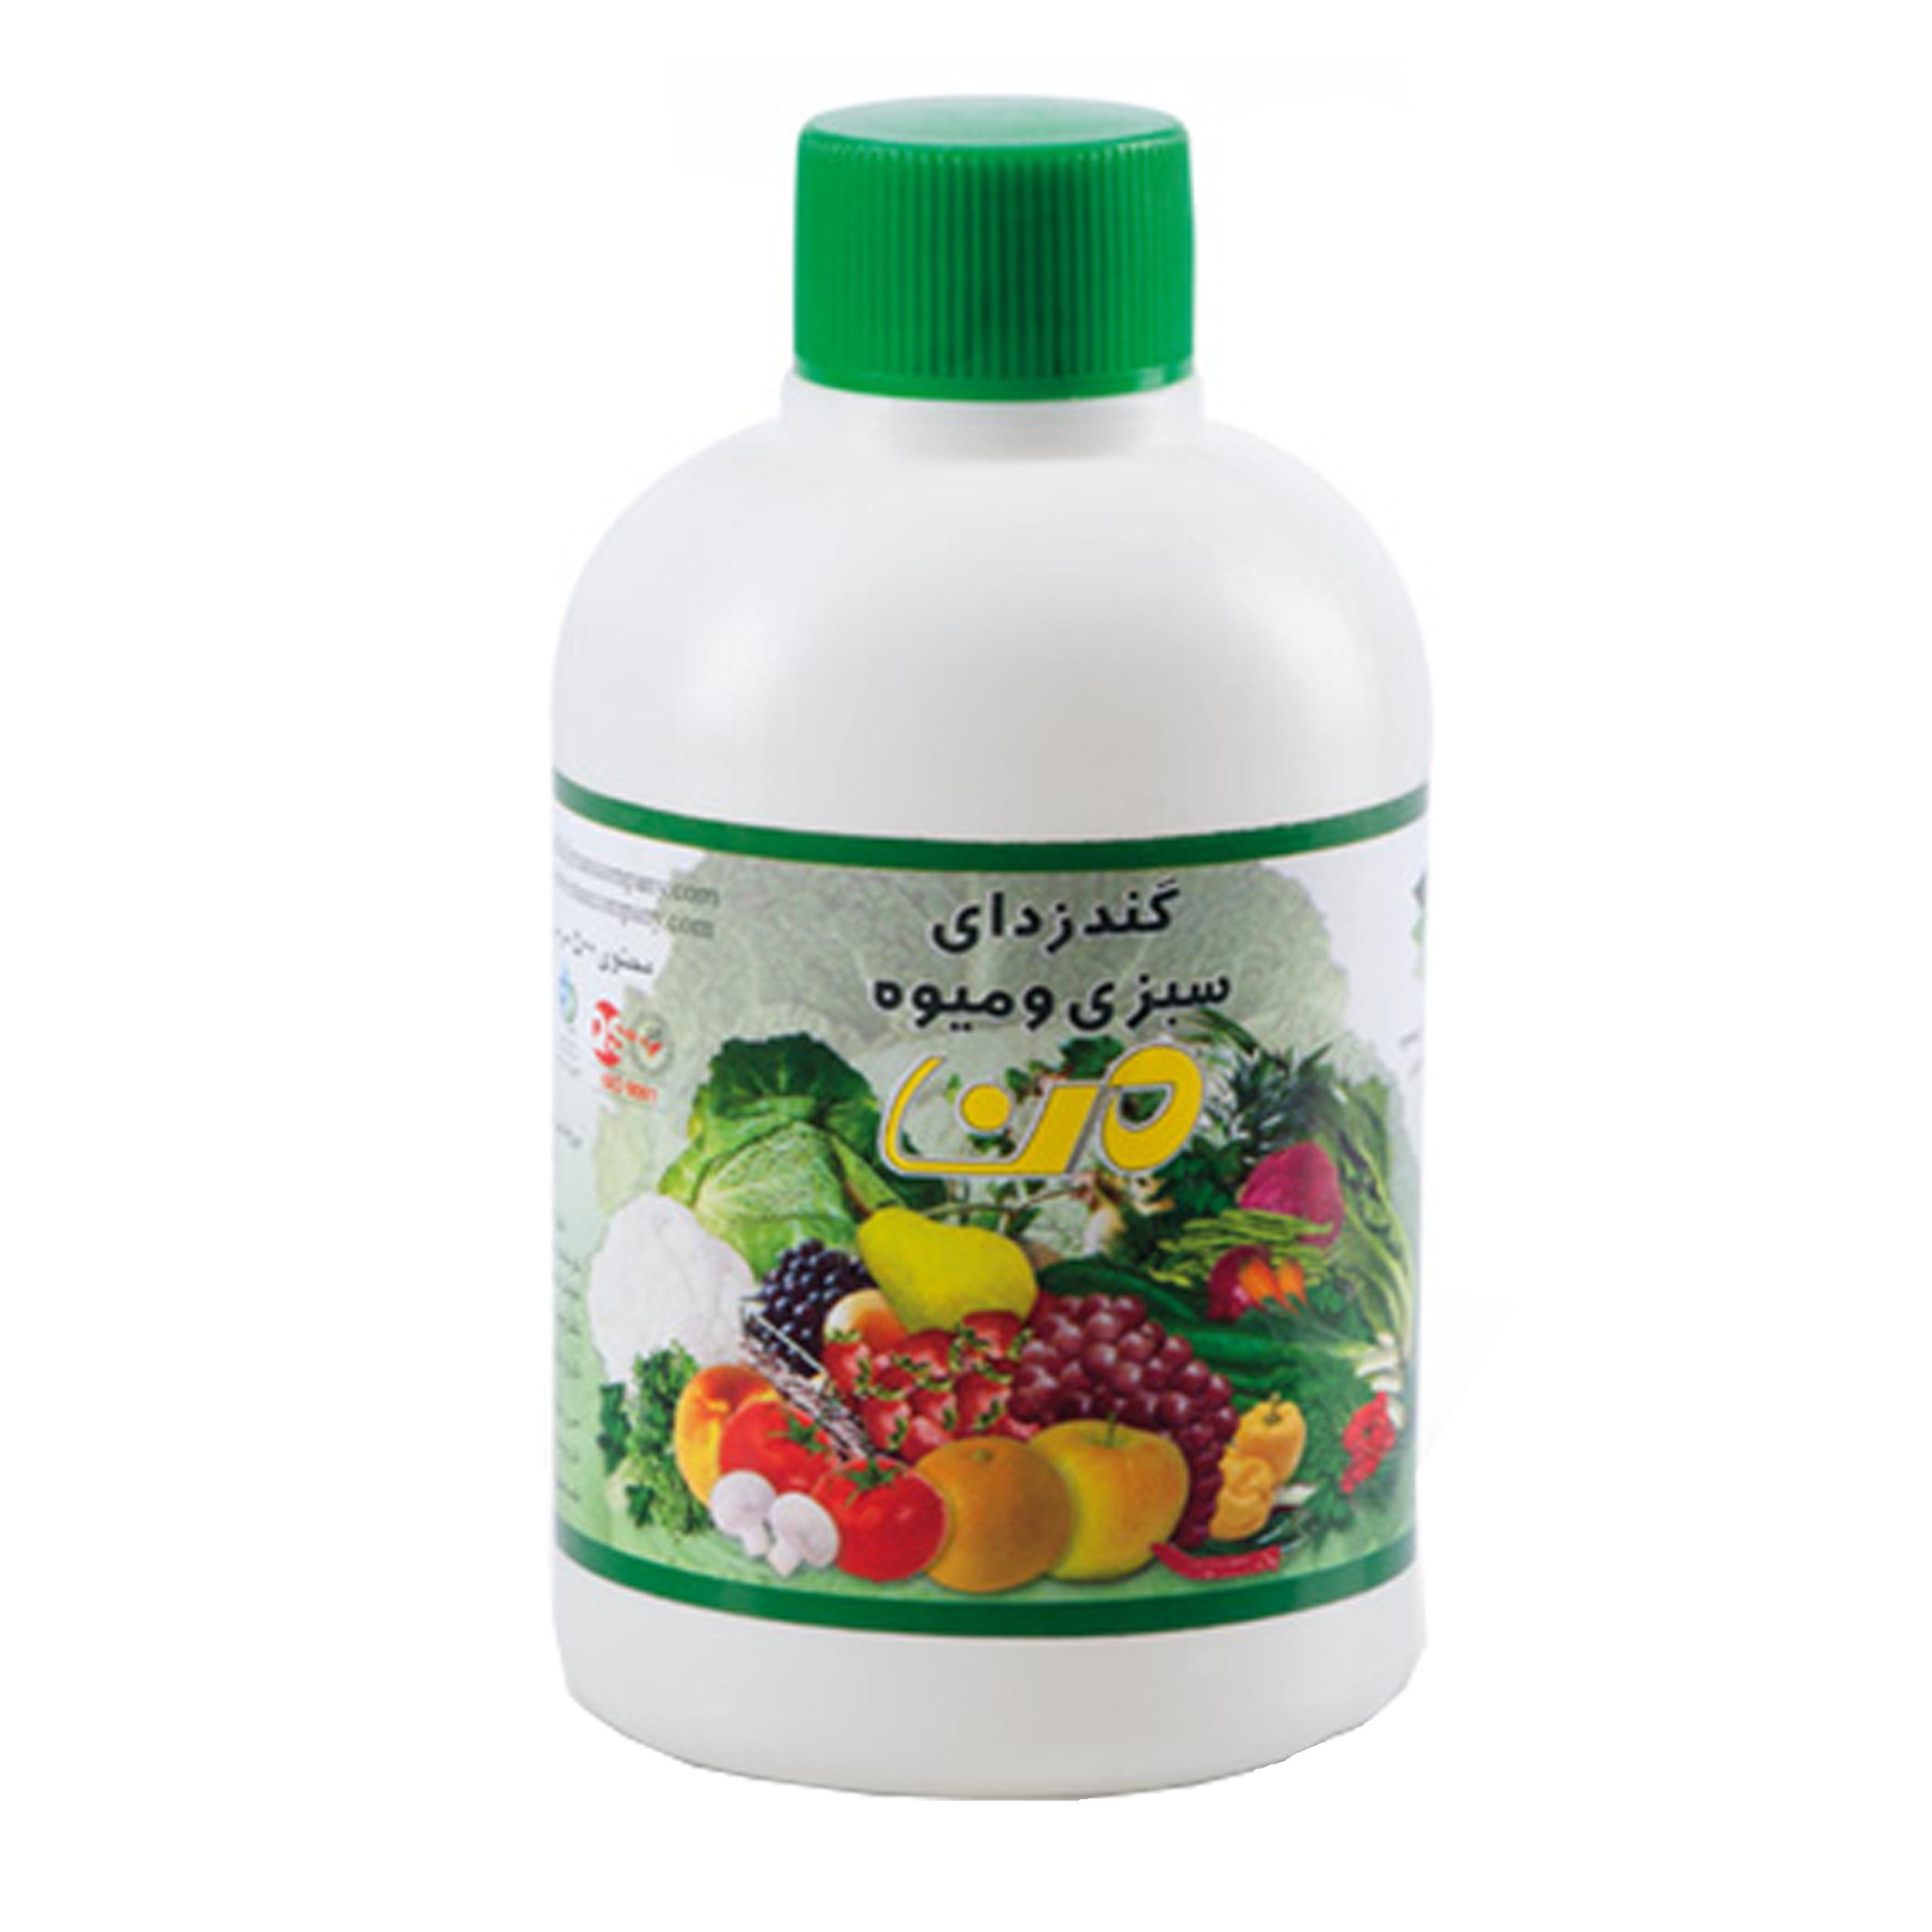 مایع ضدعفونی کننده میوه و سبزیجات من مدل WT حجم 500 میلی لیتر